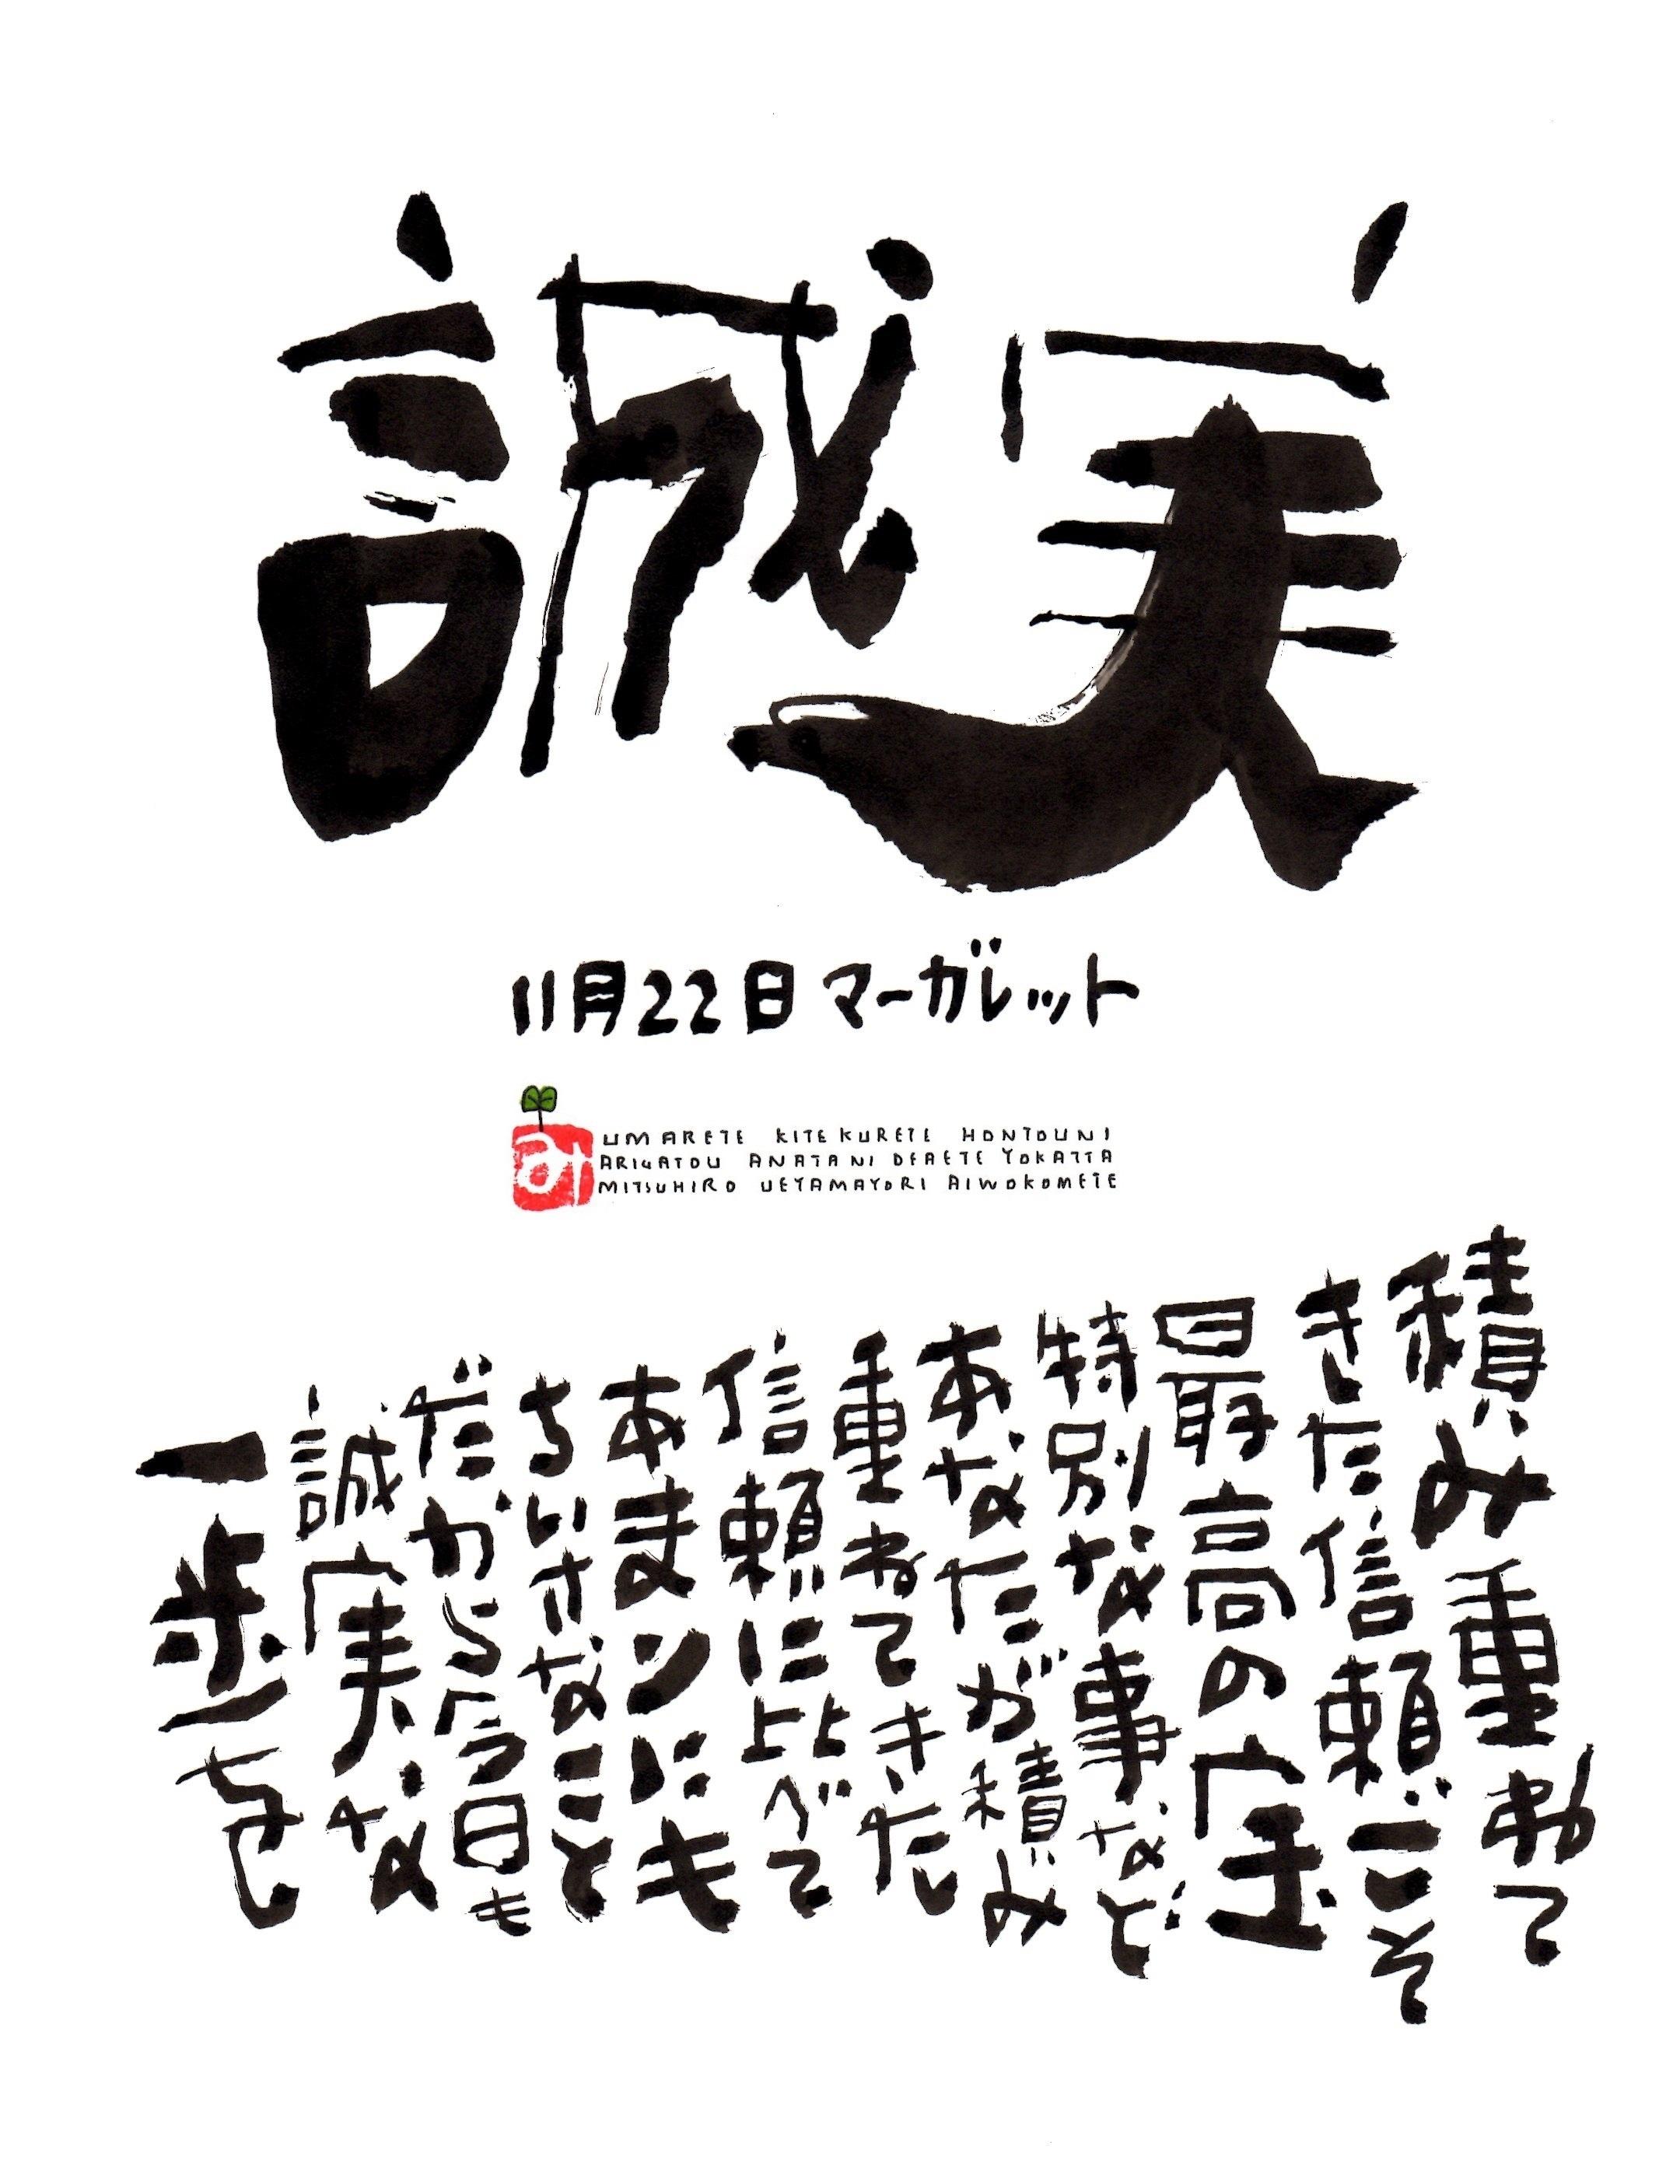 11月22日 誕生日ポストカード【誠実】Sincerity